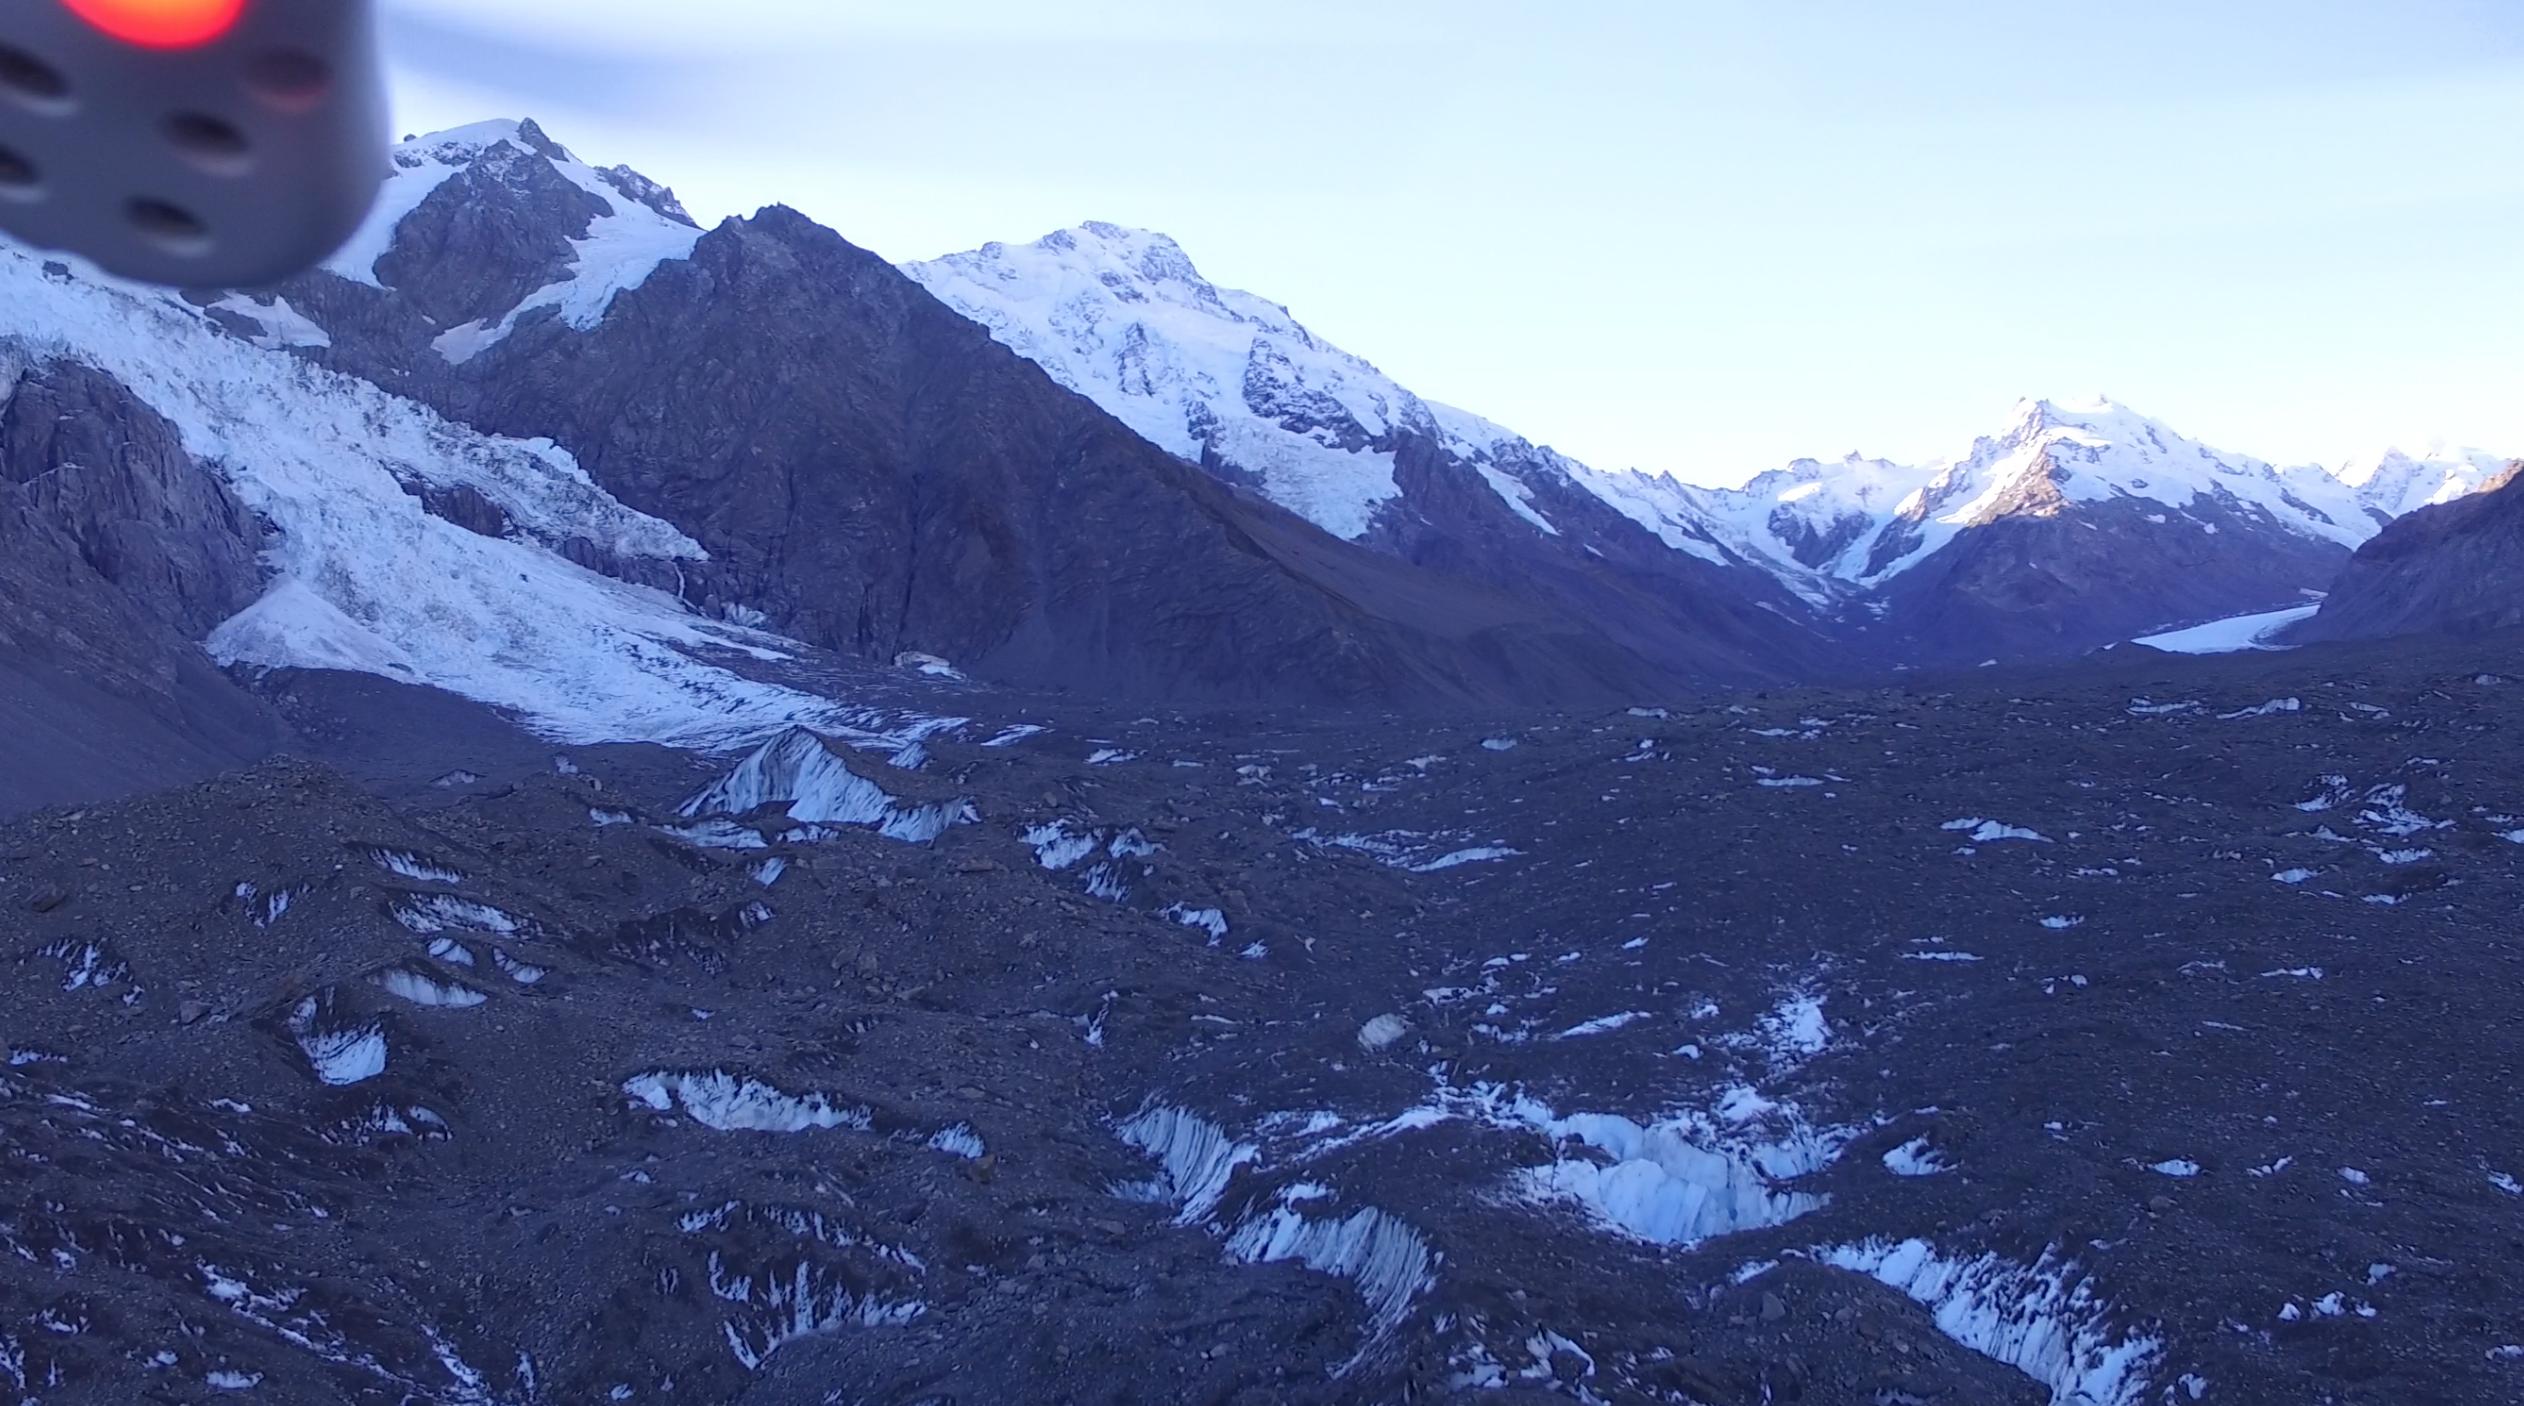 Tasman Glacier from drone